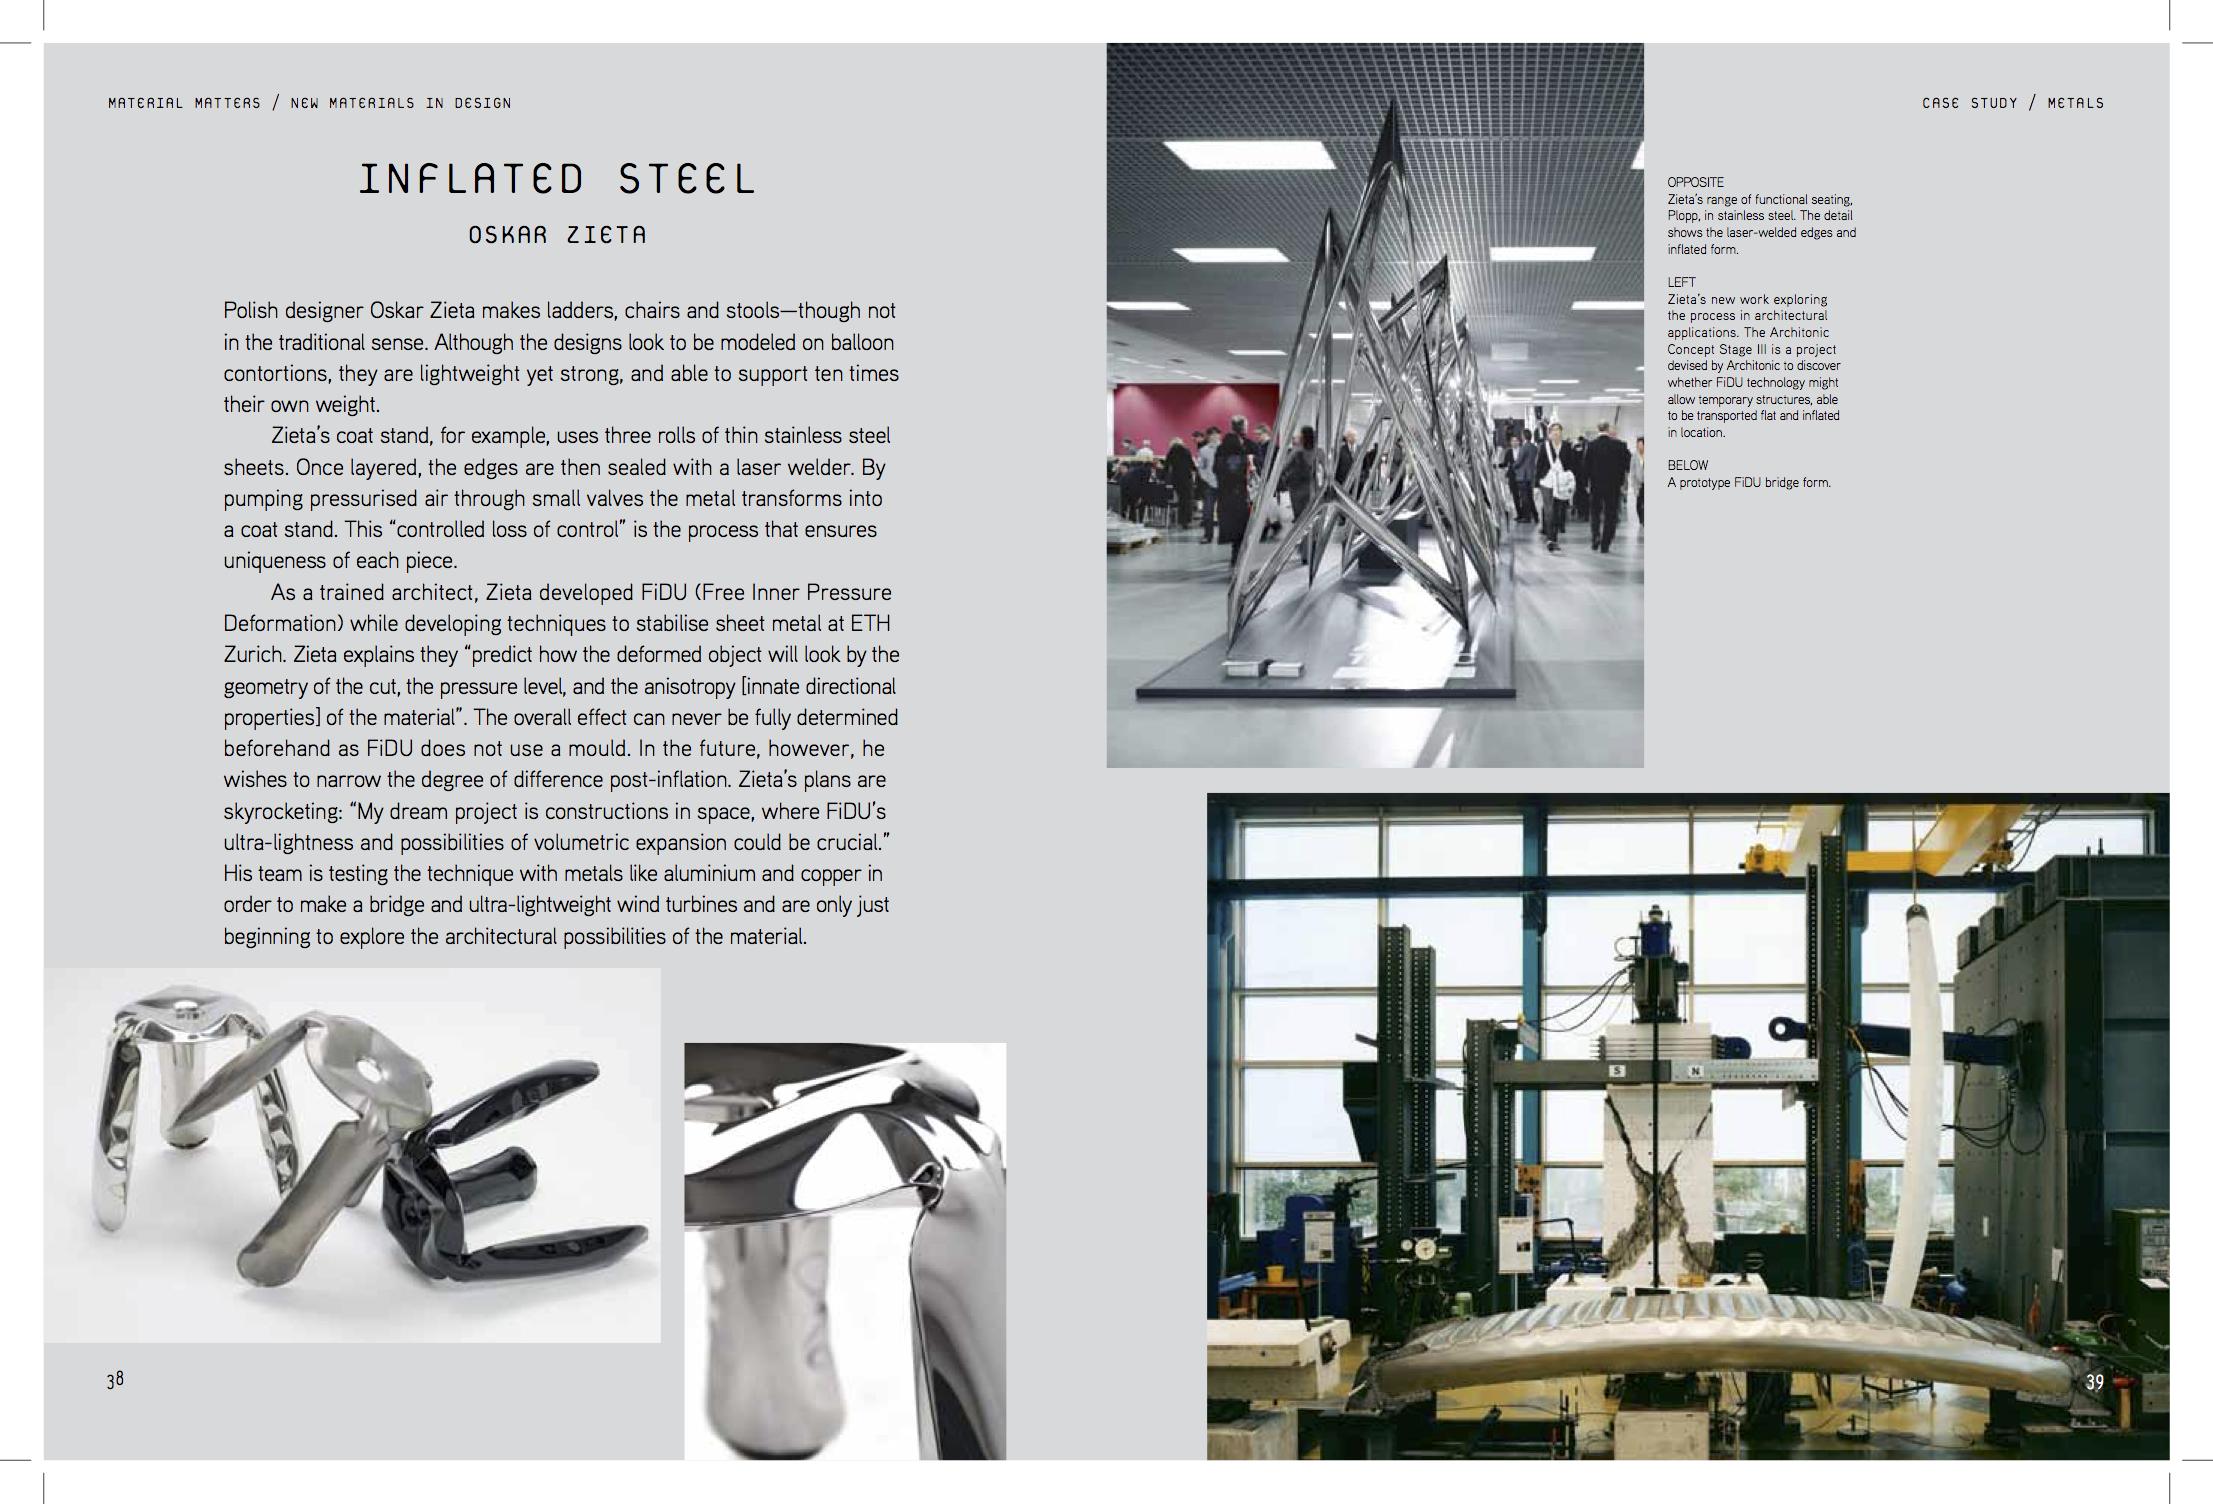 Material Matters_new materials in design.jpg